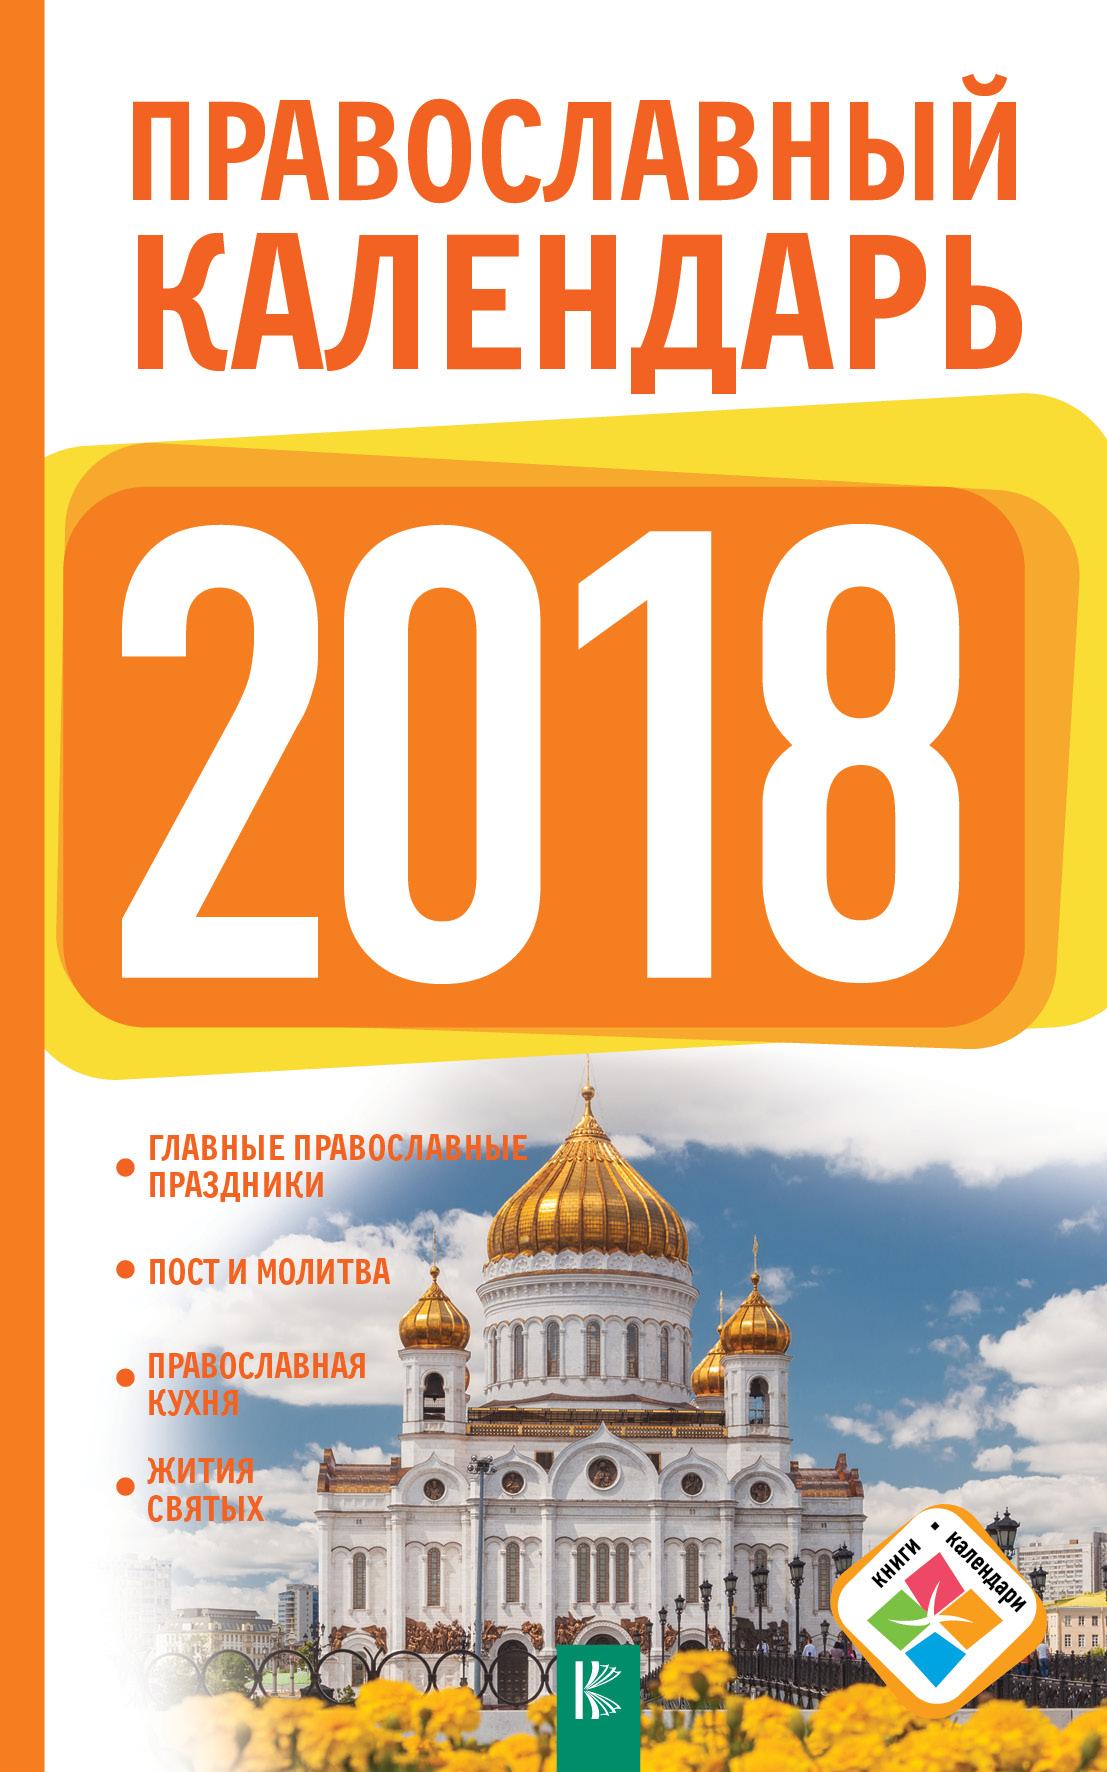 Хорсанд Д.В. Православный календарь на 2018 год д в хорсанд православный календарь на 2018 год